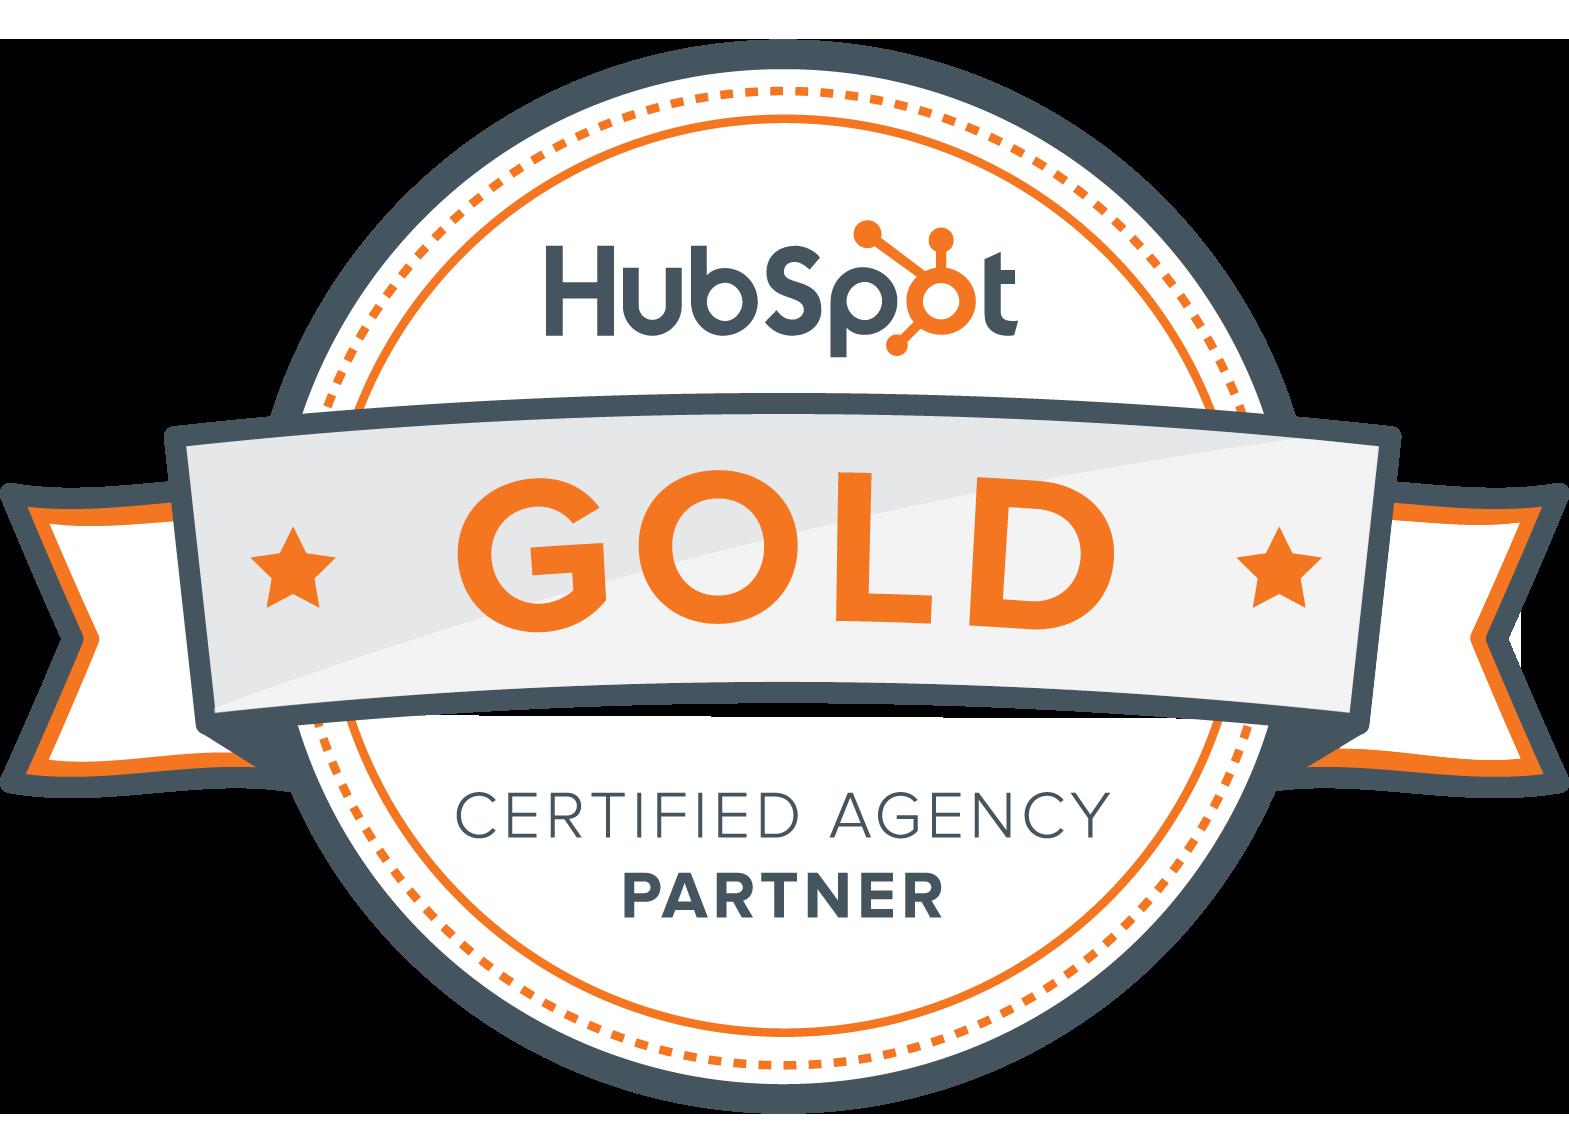 gold-hubspot-partner-agency